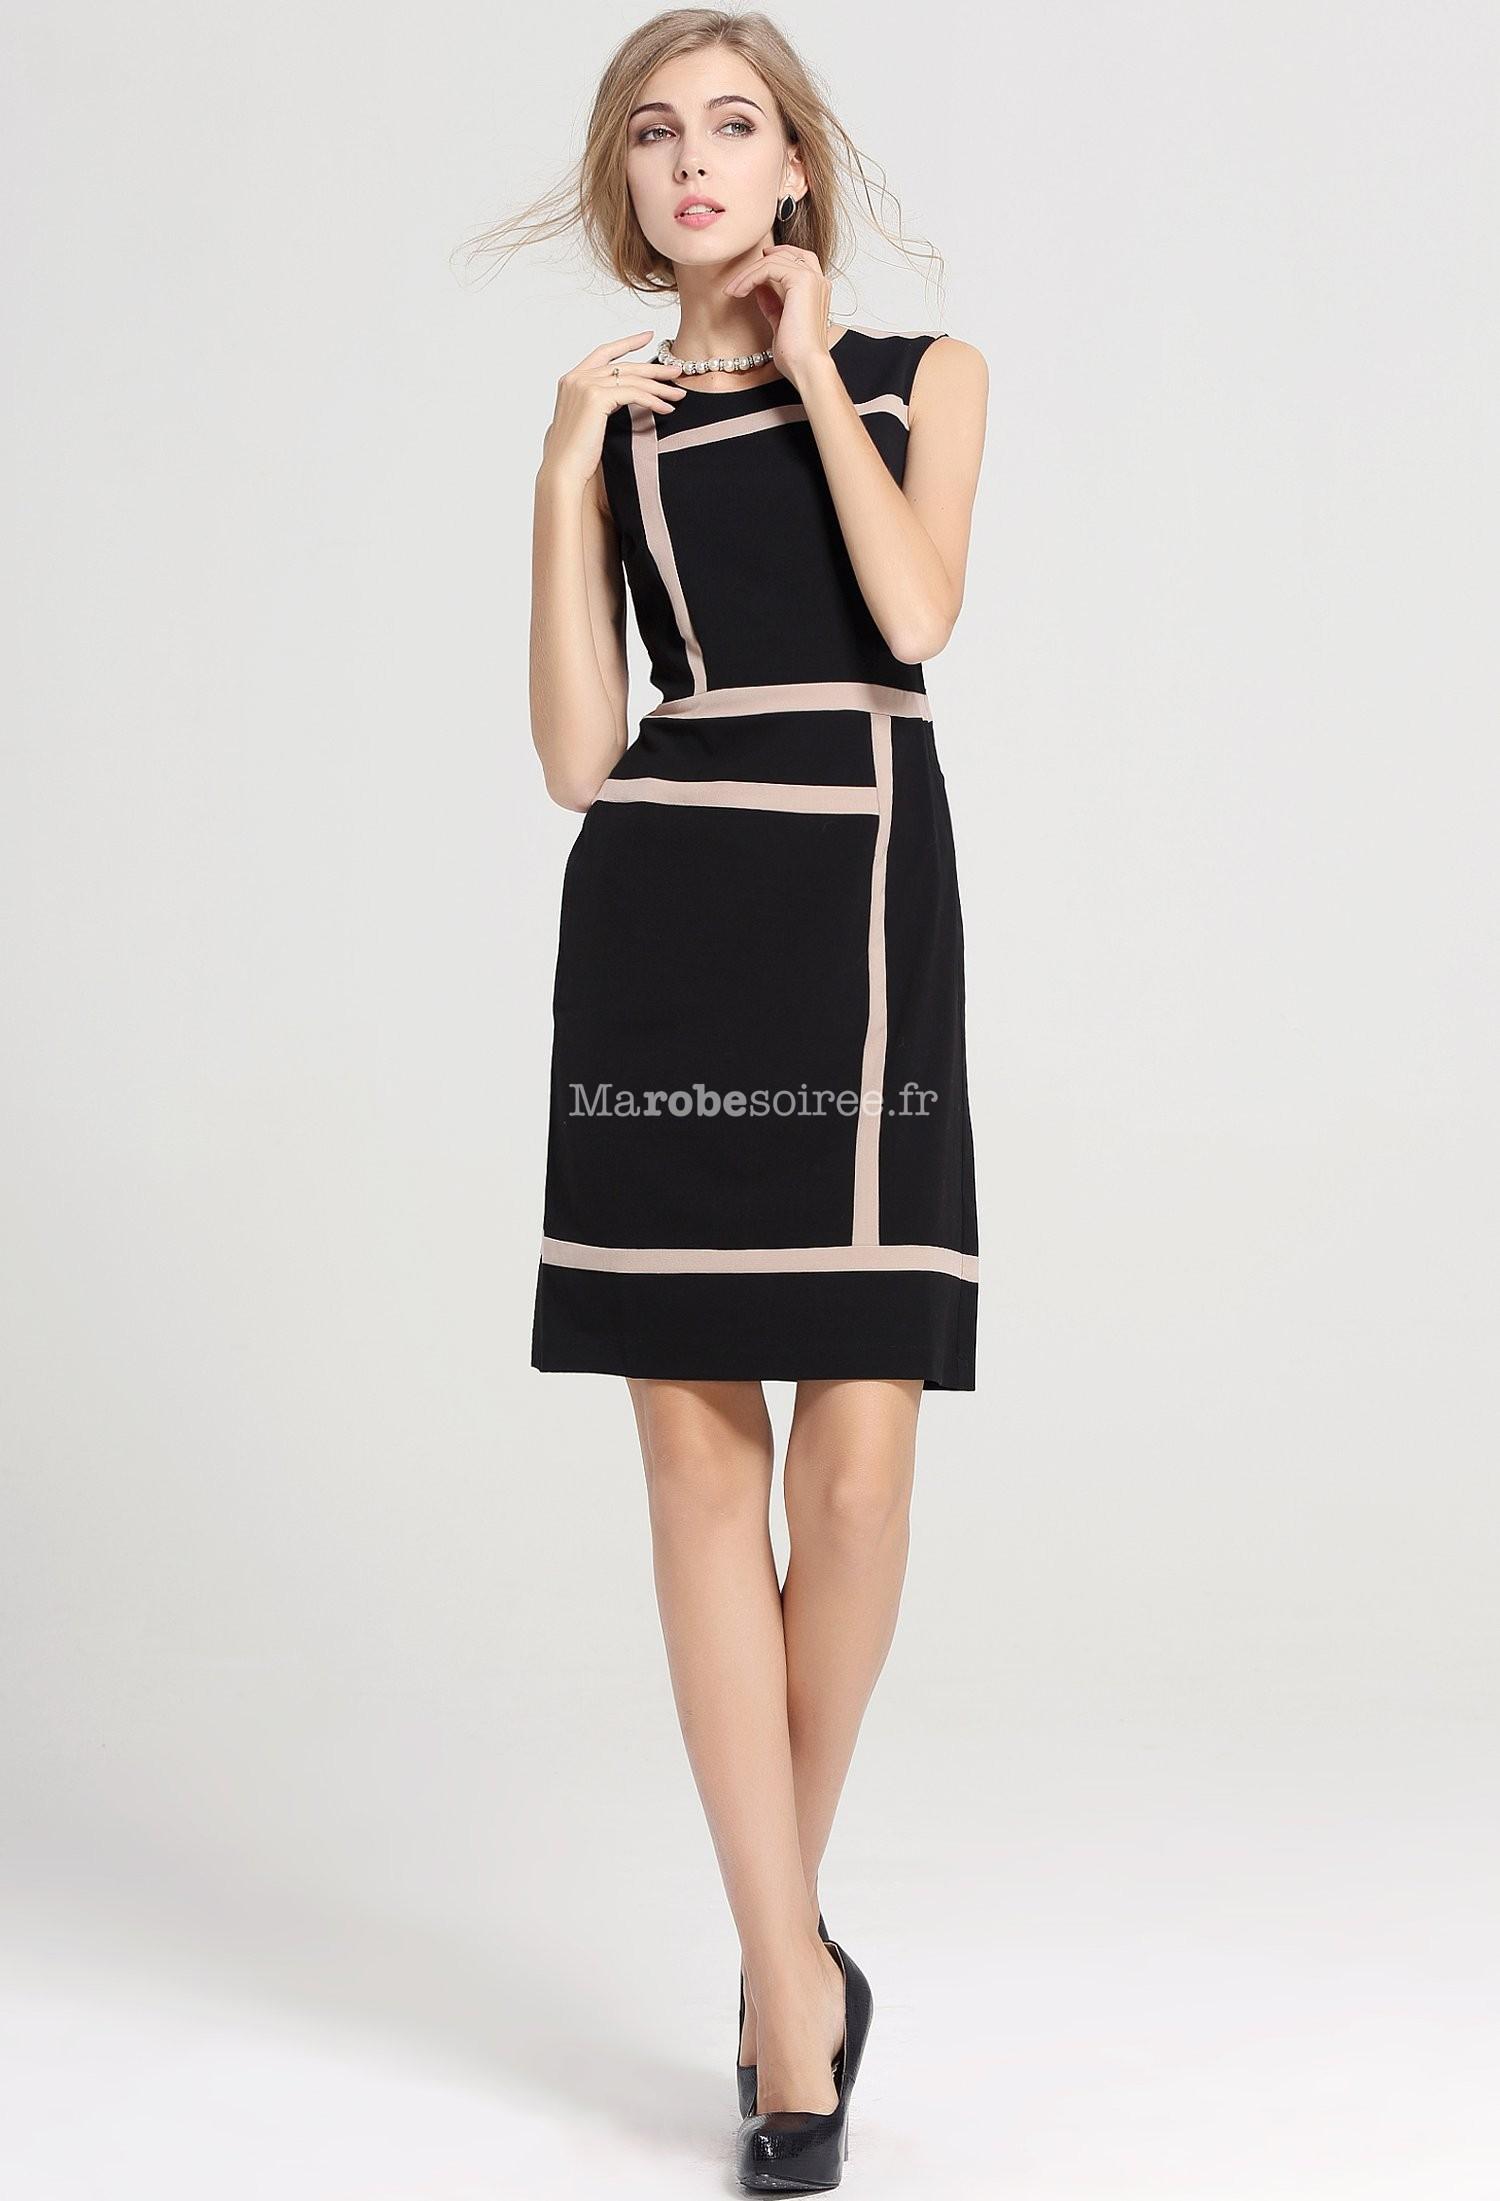 Petite robe noire coupe droite